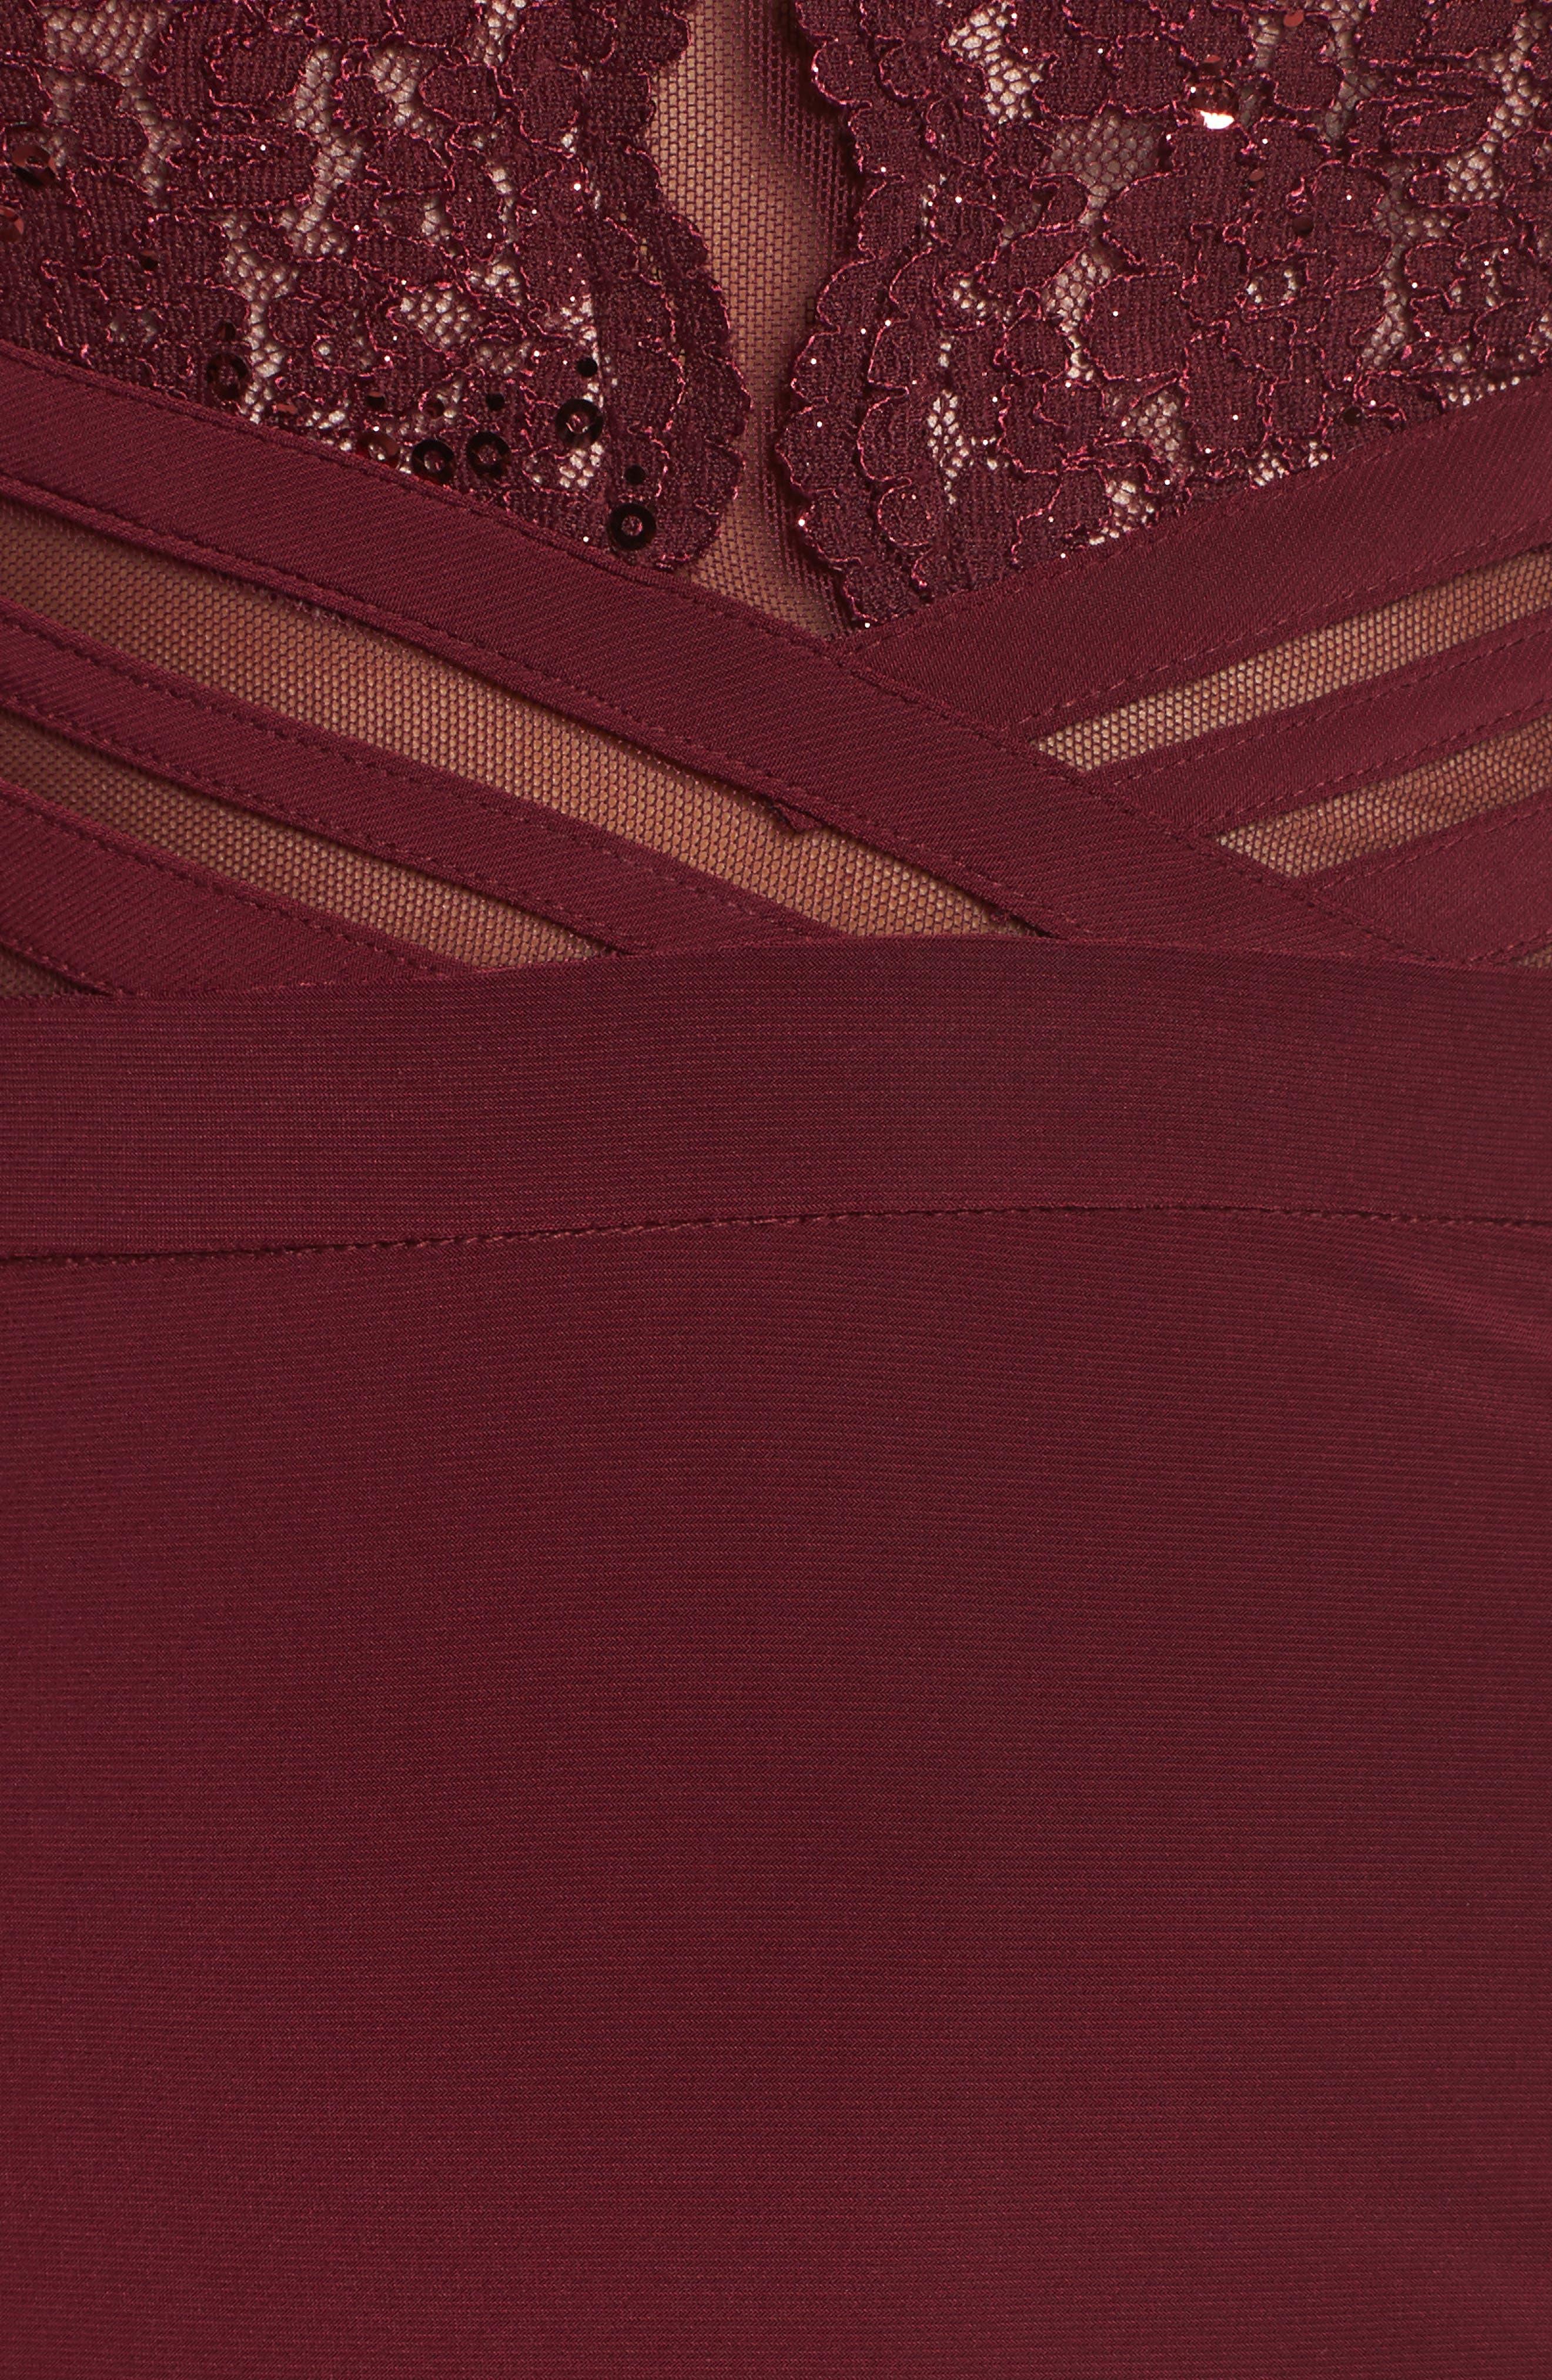 Alternate Image 5  - Morgan & Co. Scallop Lace Bodice Body-Con Dress